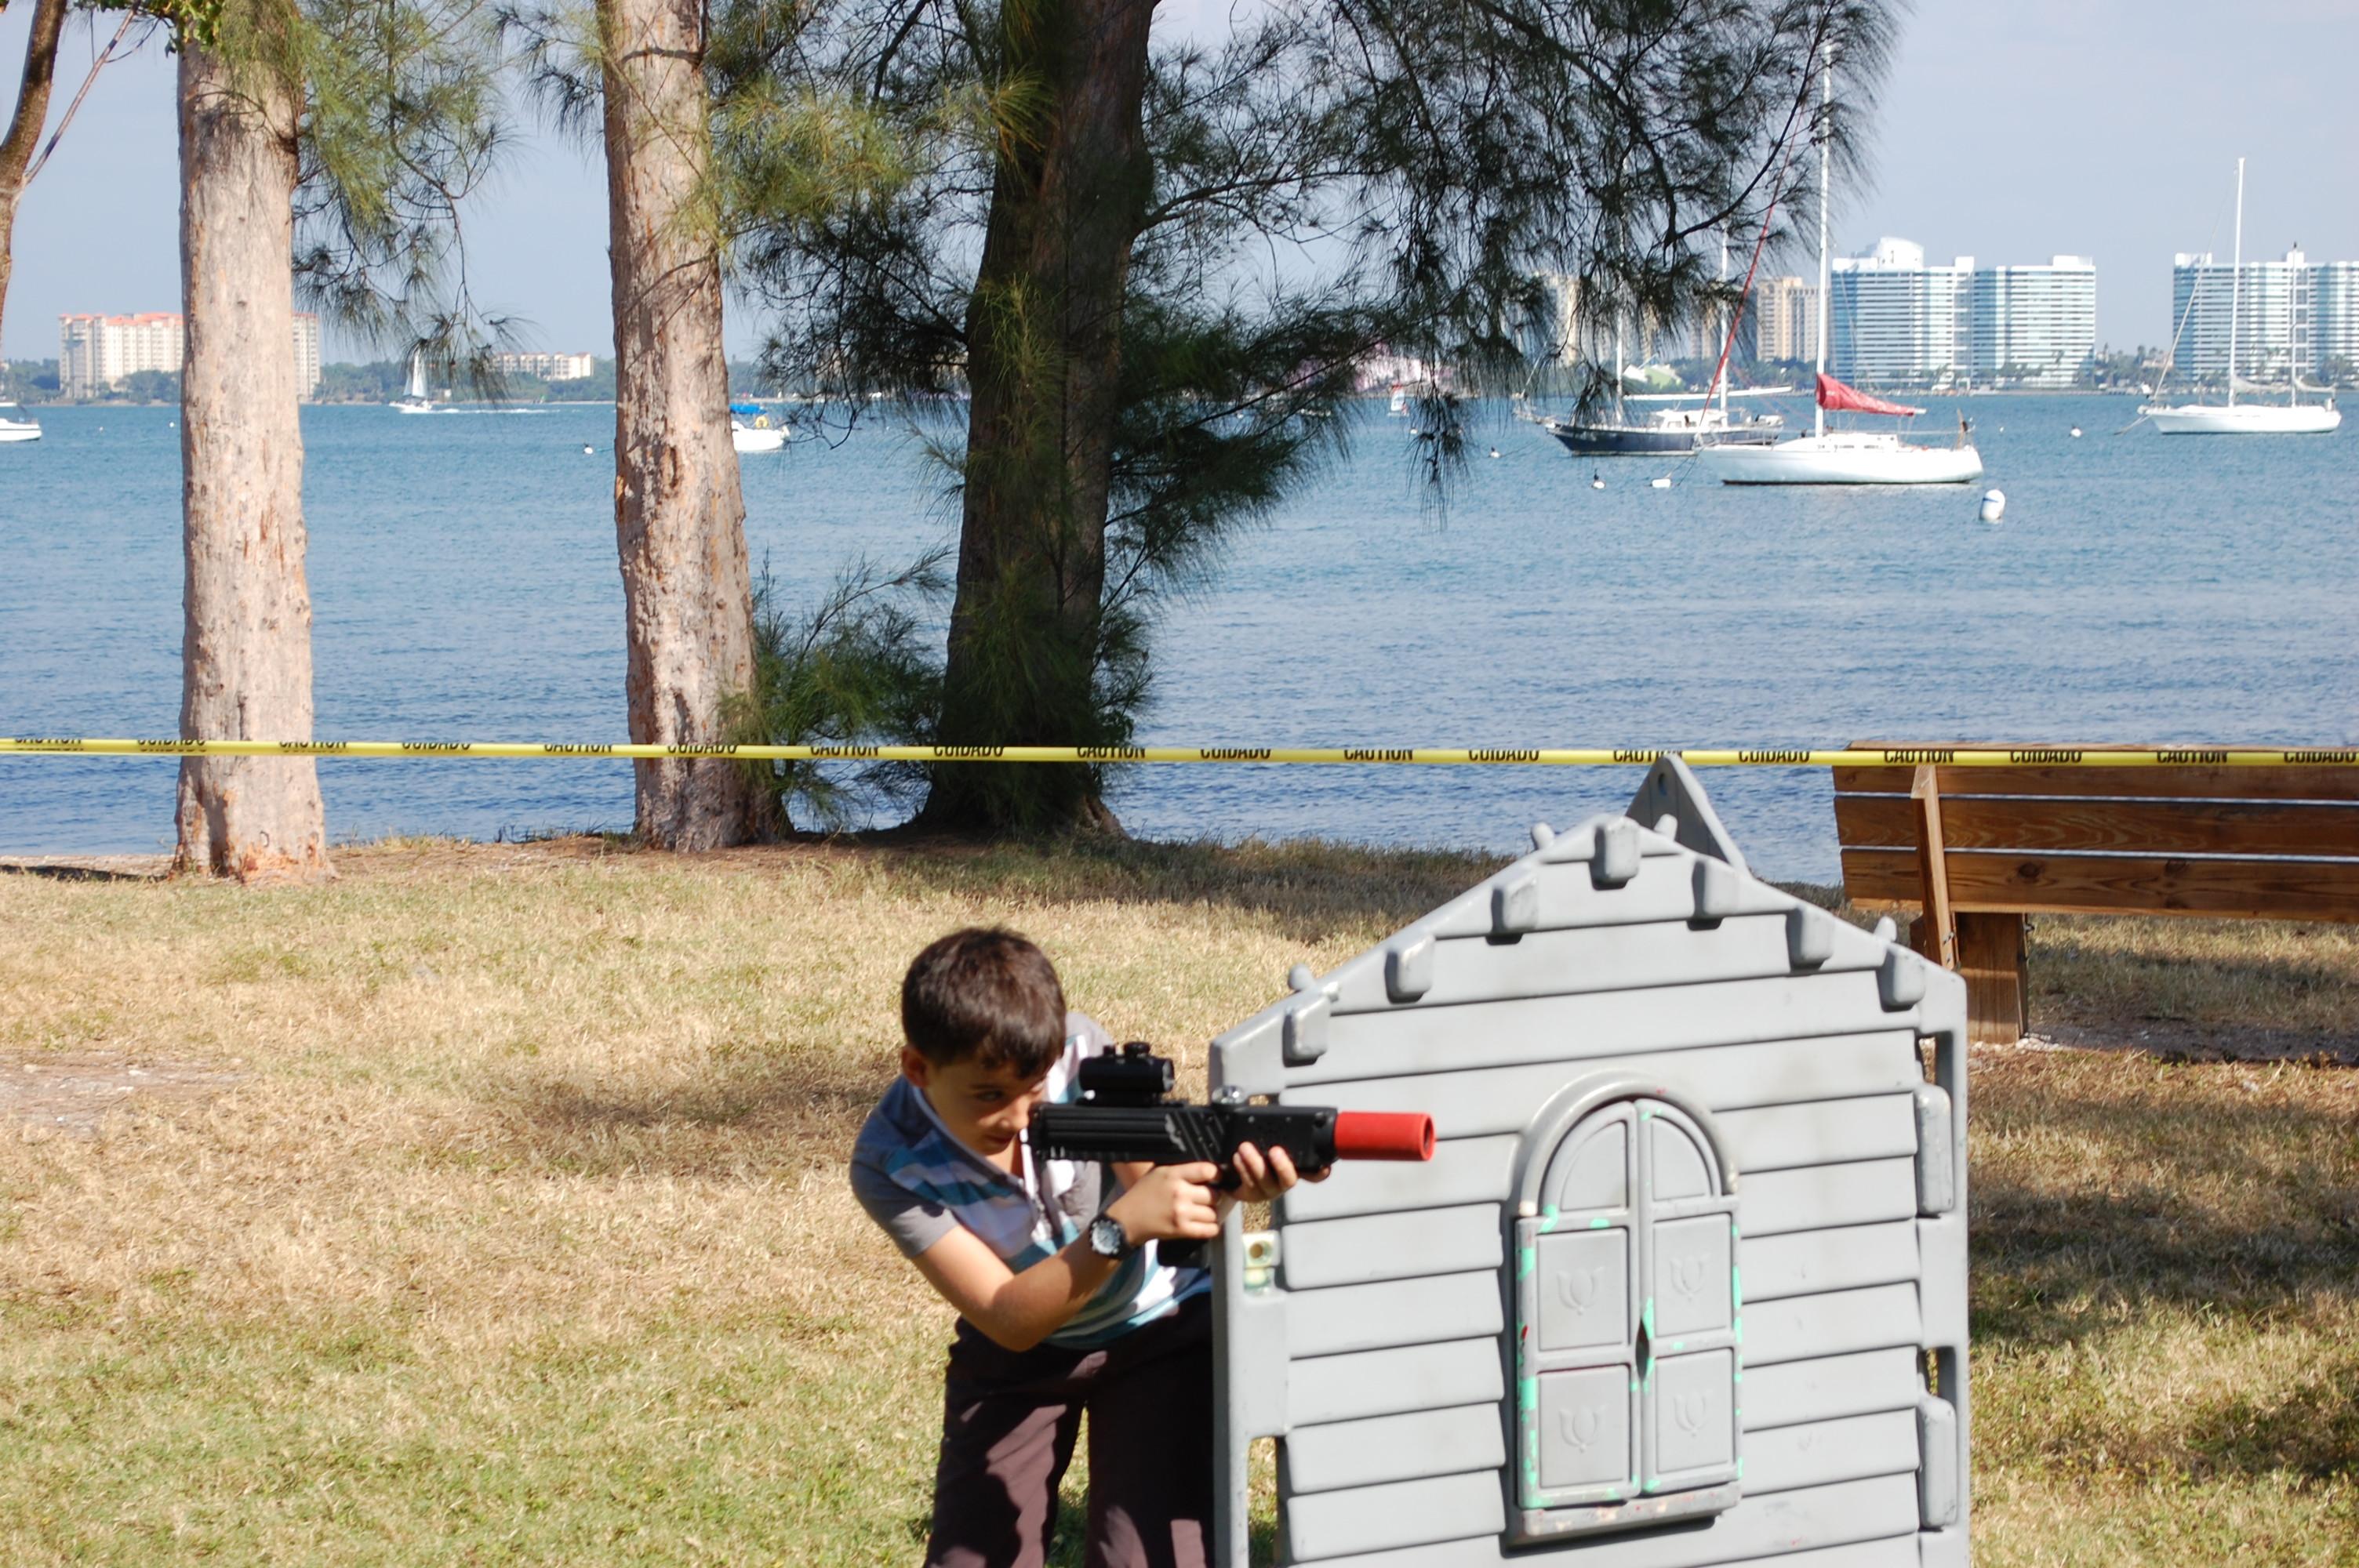 Mobile Laser Tag in Venice FL